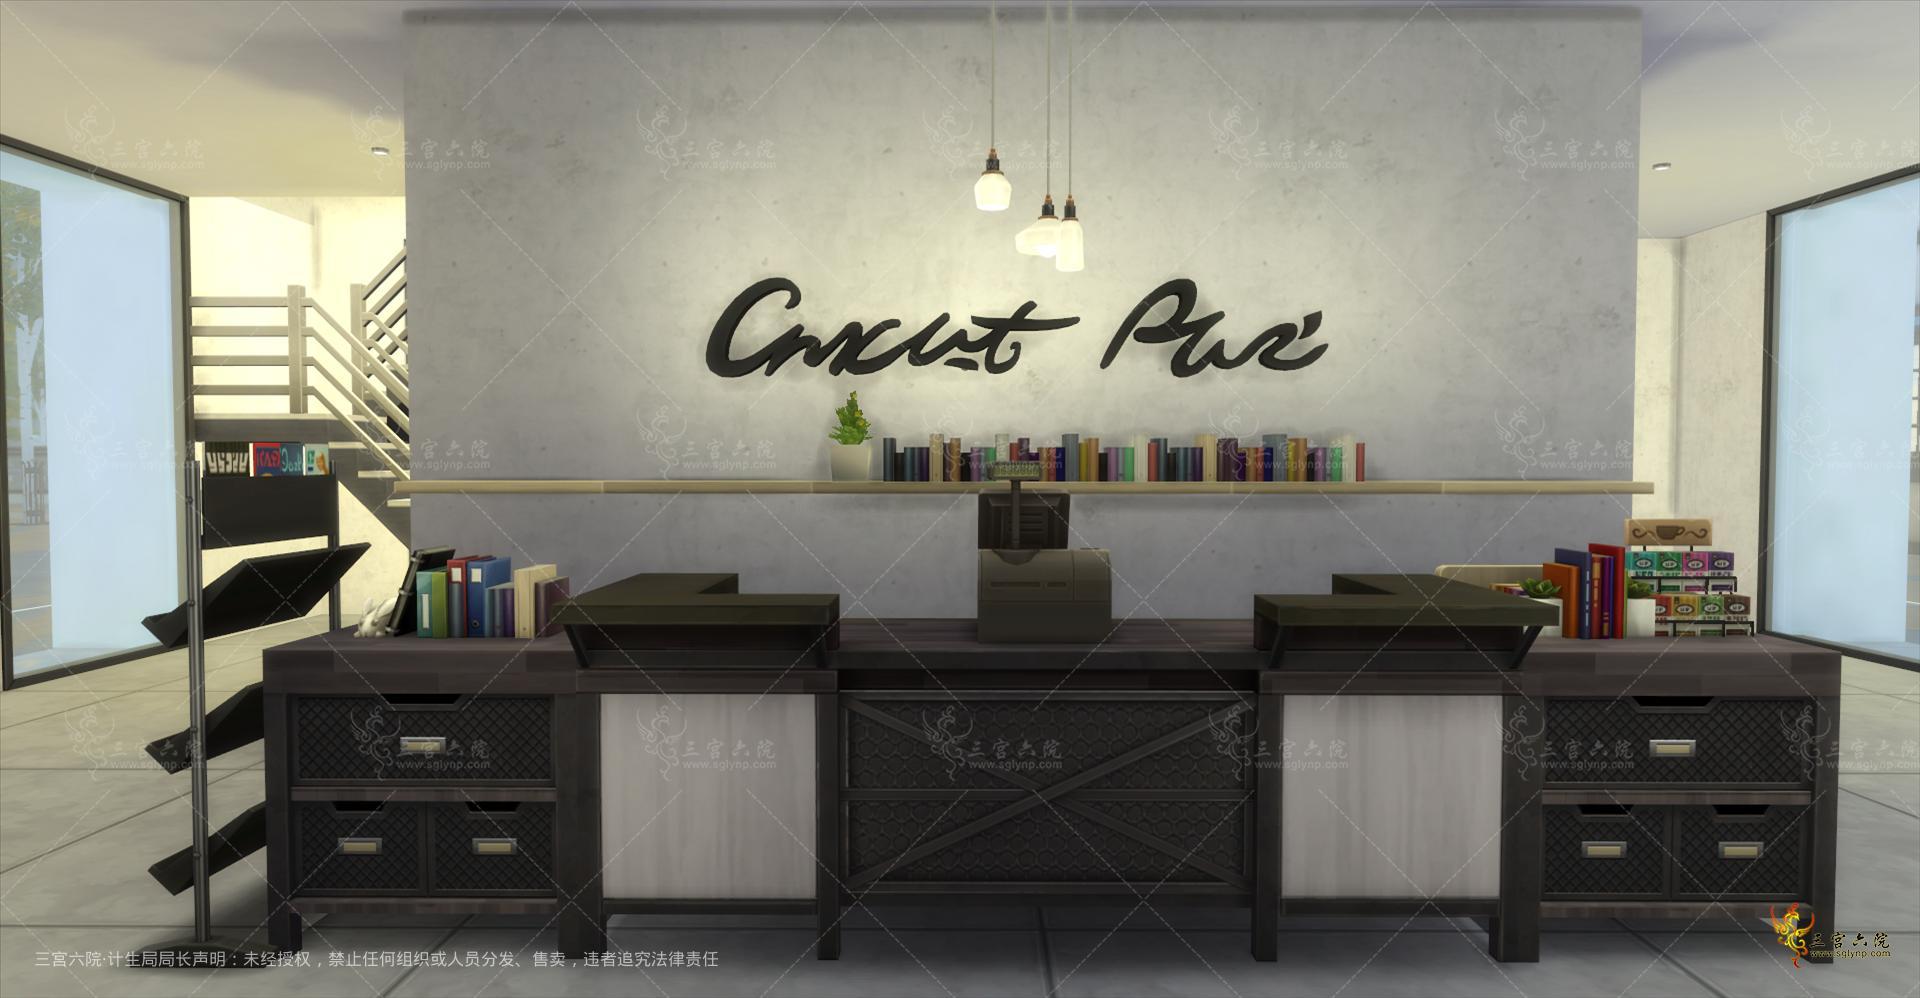 Sims 4 Screenshot 2021.09.19 - 15.51.35.59.png